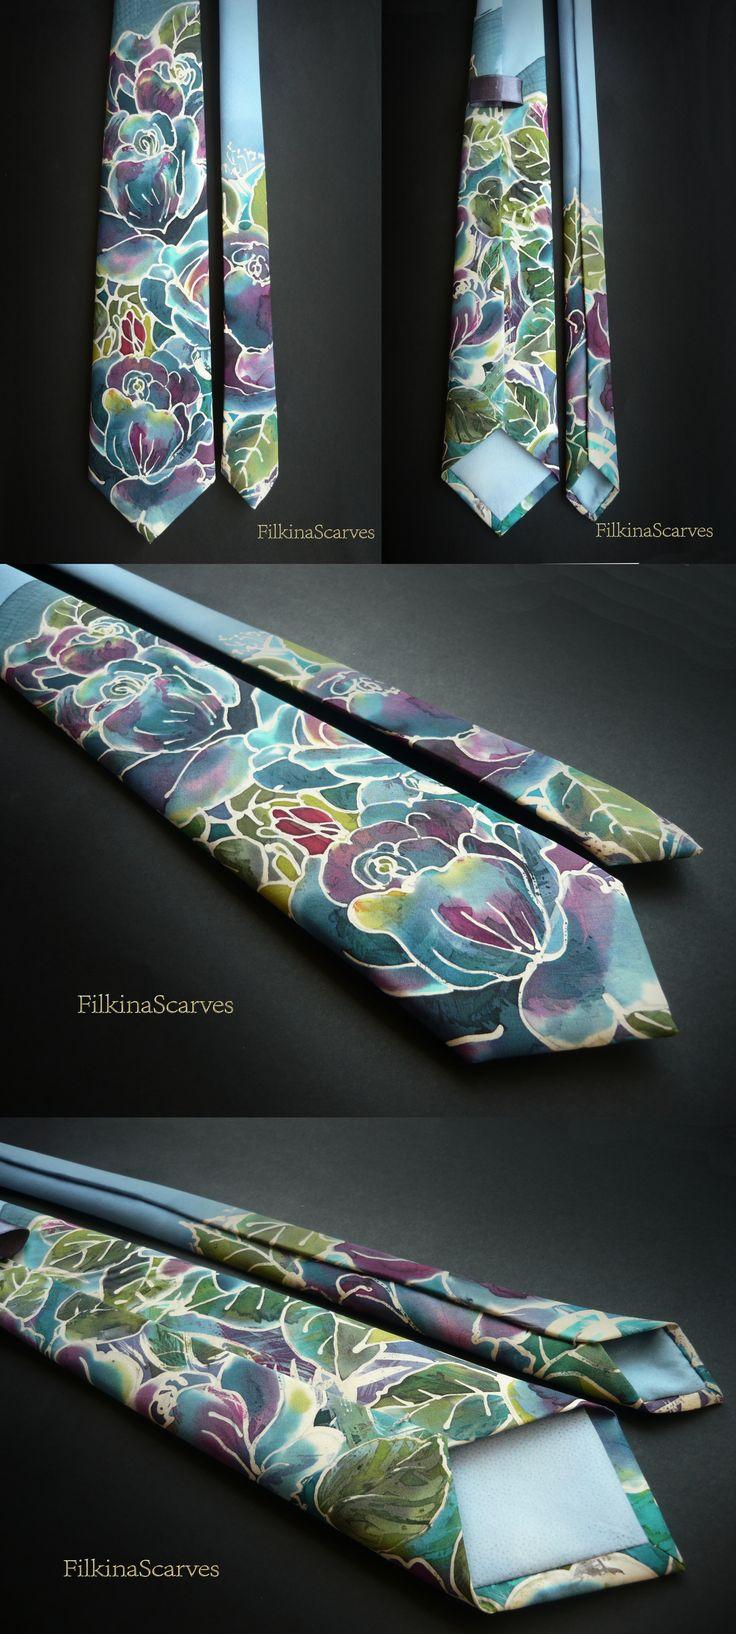 @FilkinaScarves on Etsy Silk Necktie Hand Painted Mens tie Wedding Necktie Blue Mens Necktie unique gift for men Silk neckties Handpainted Tie Groomsman gift FS17